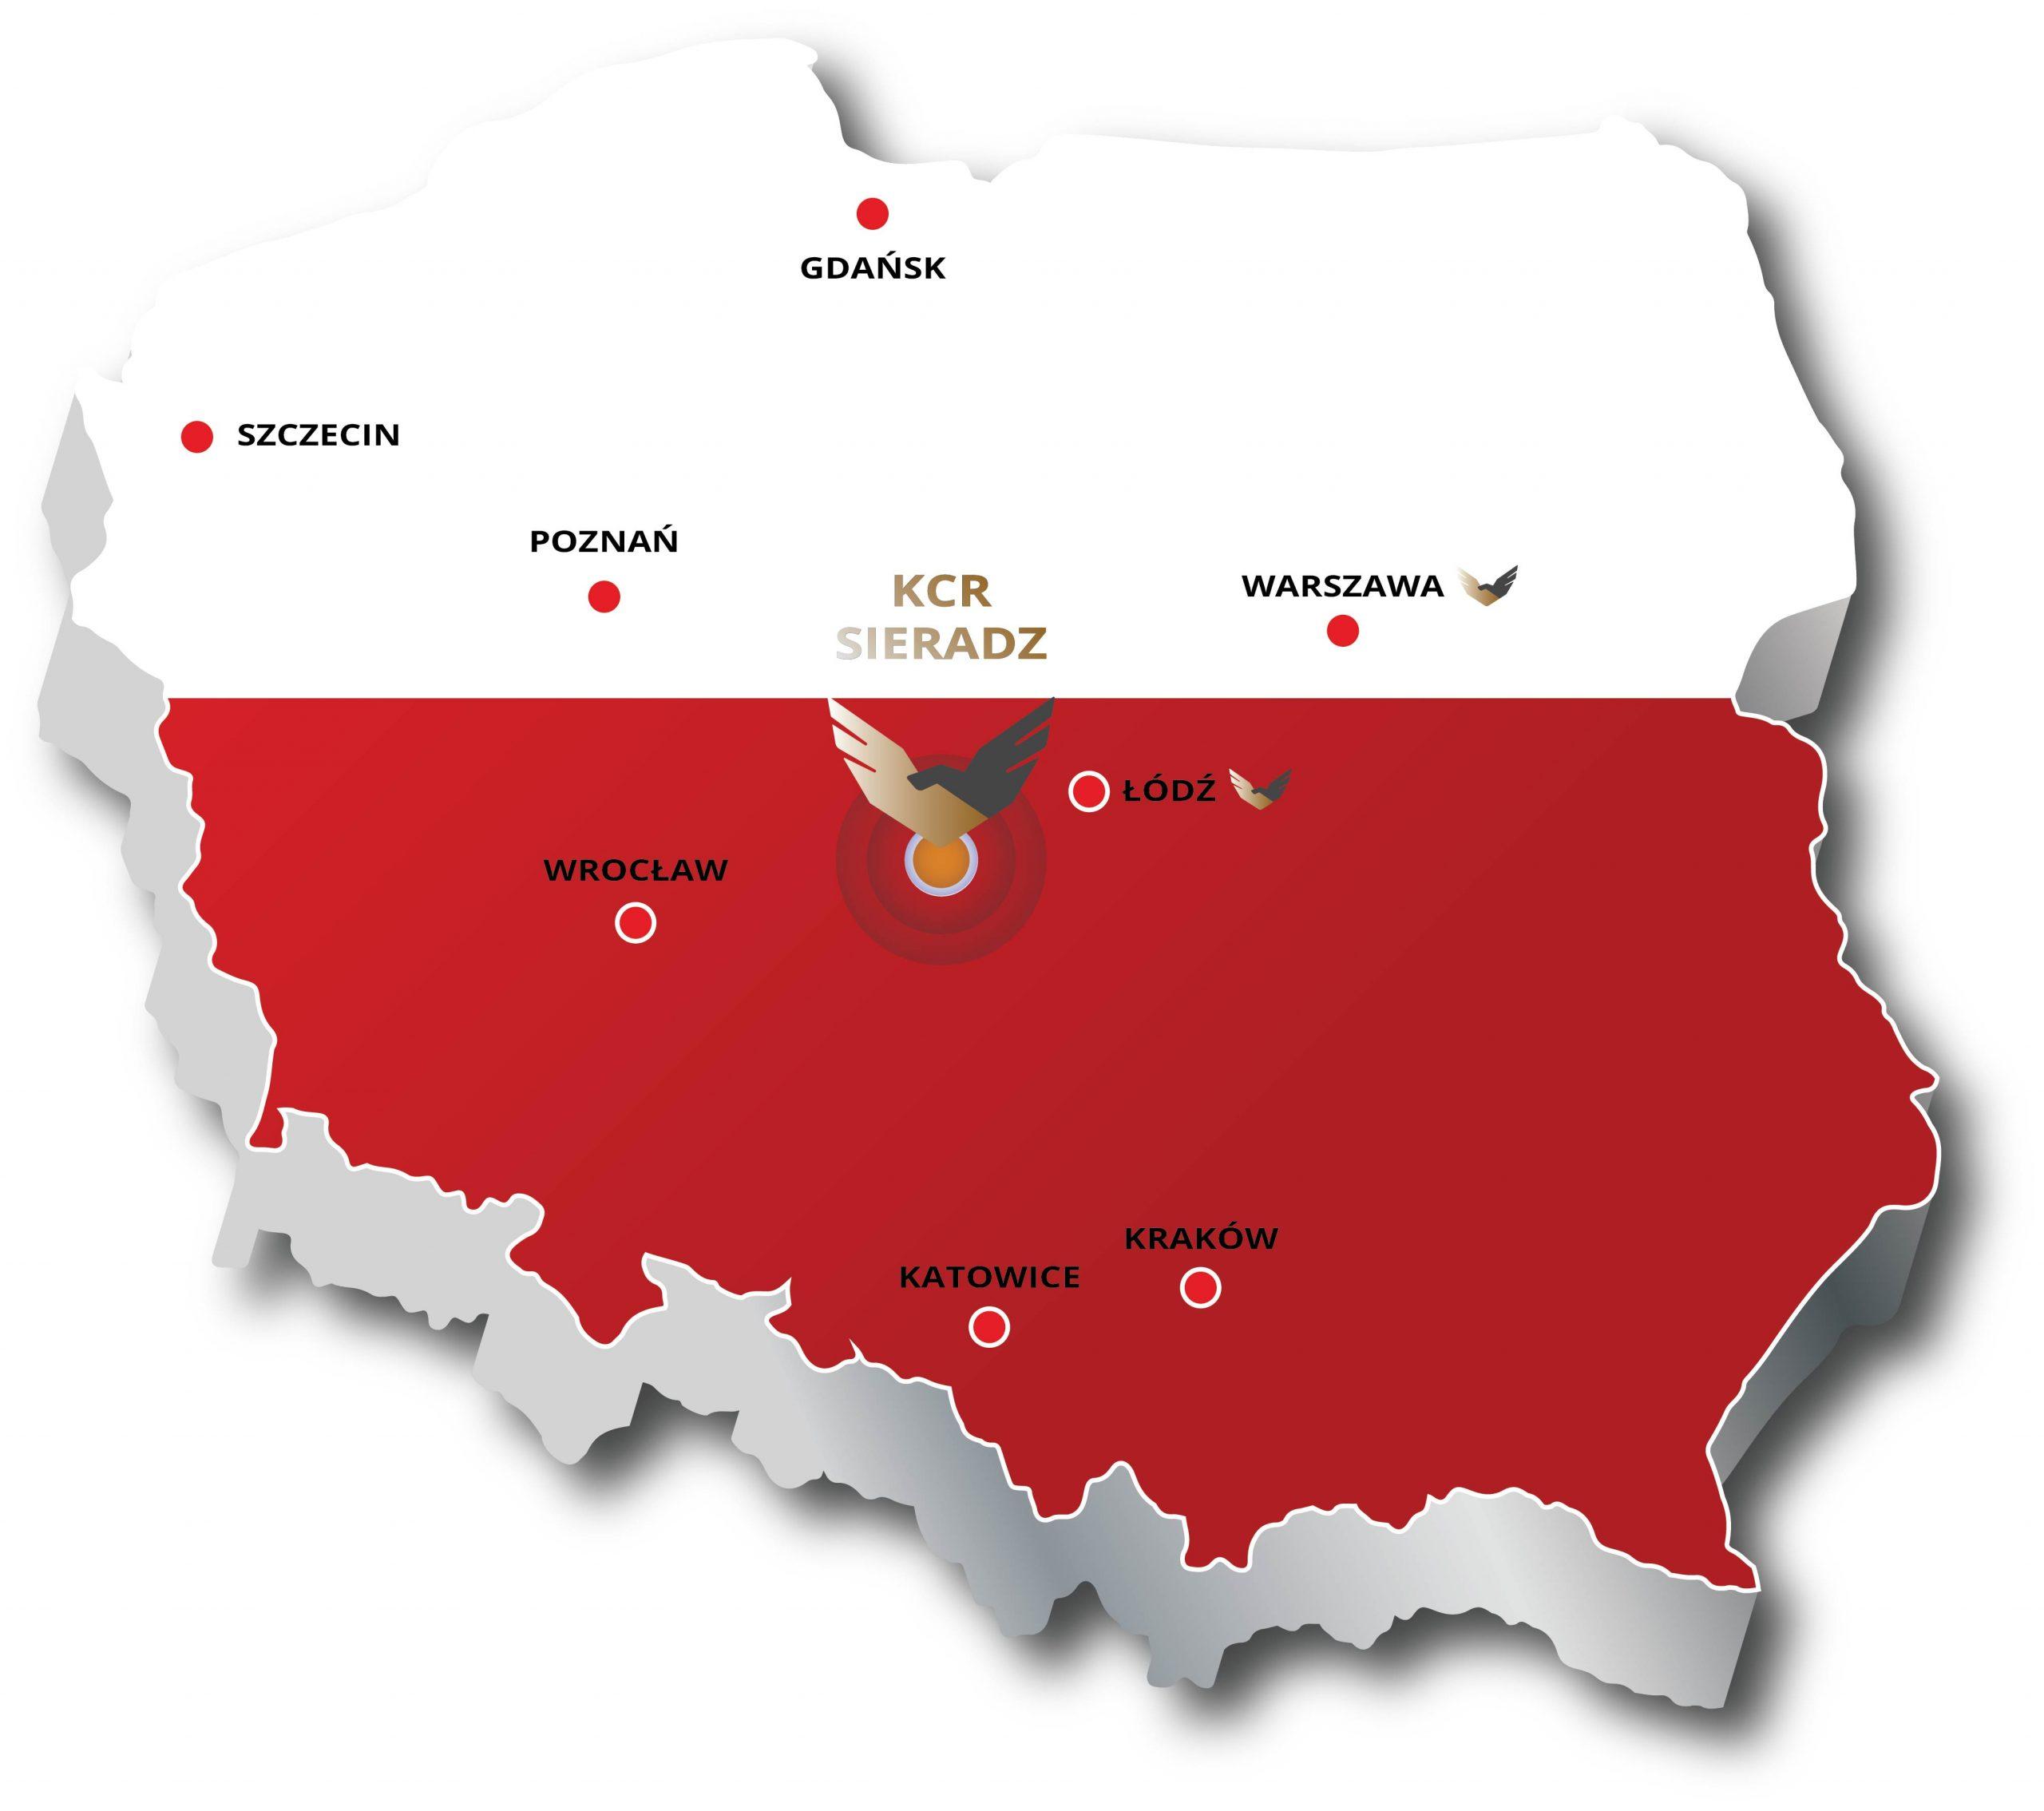 Jesteśmy w centrum Polski